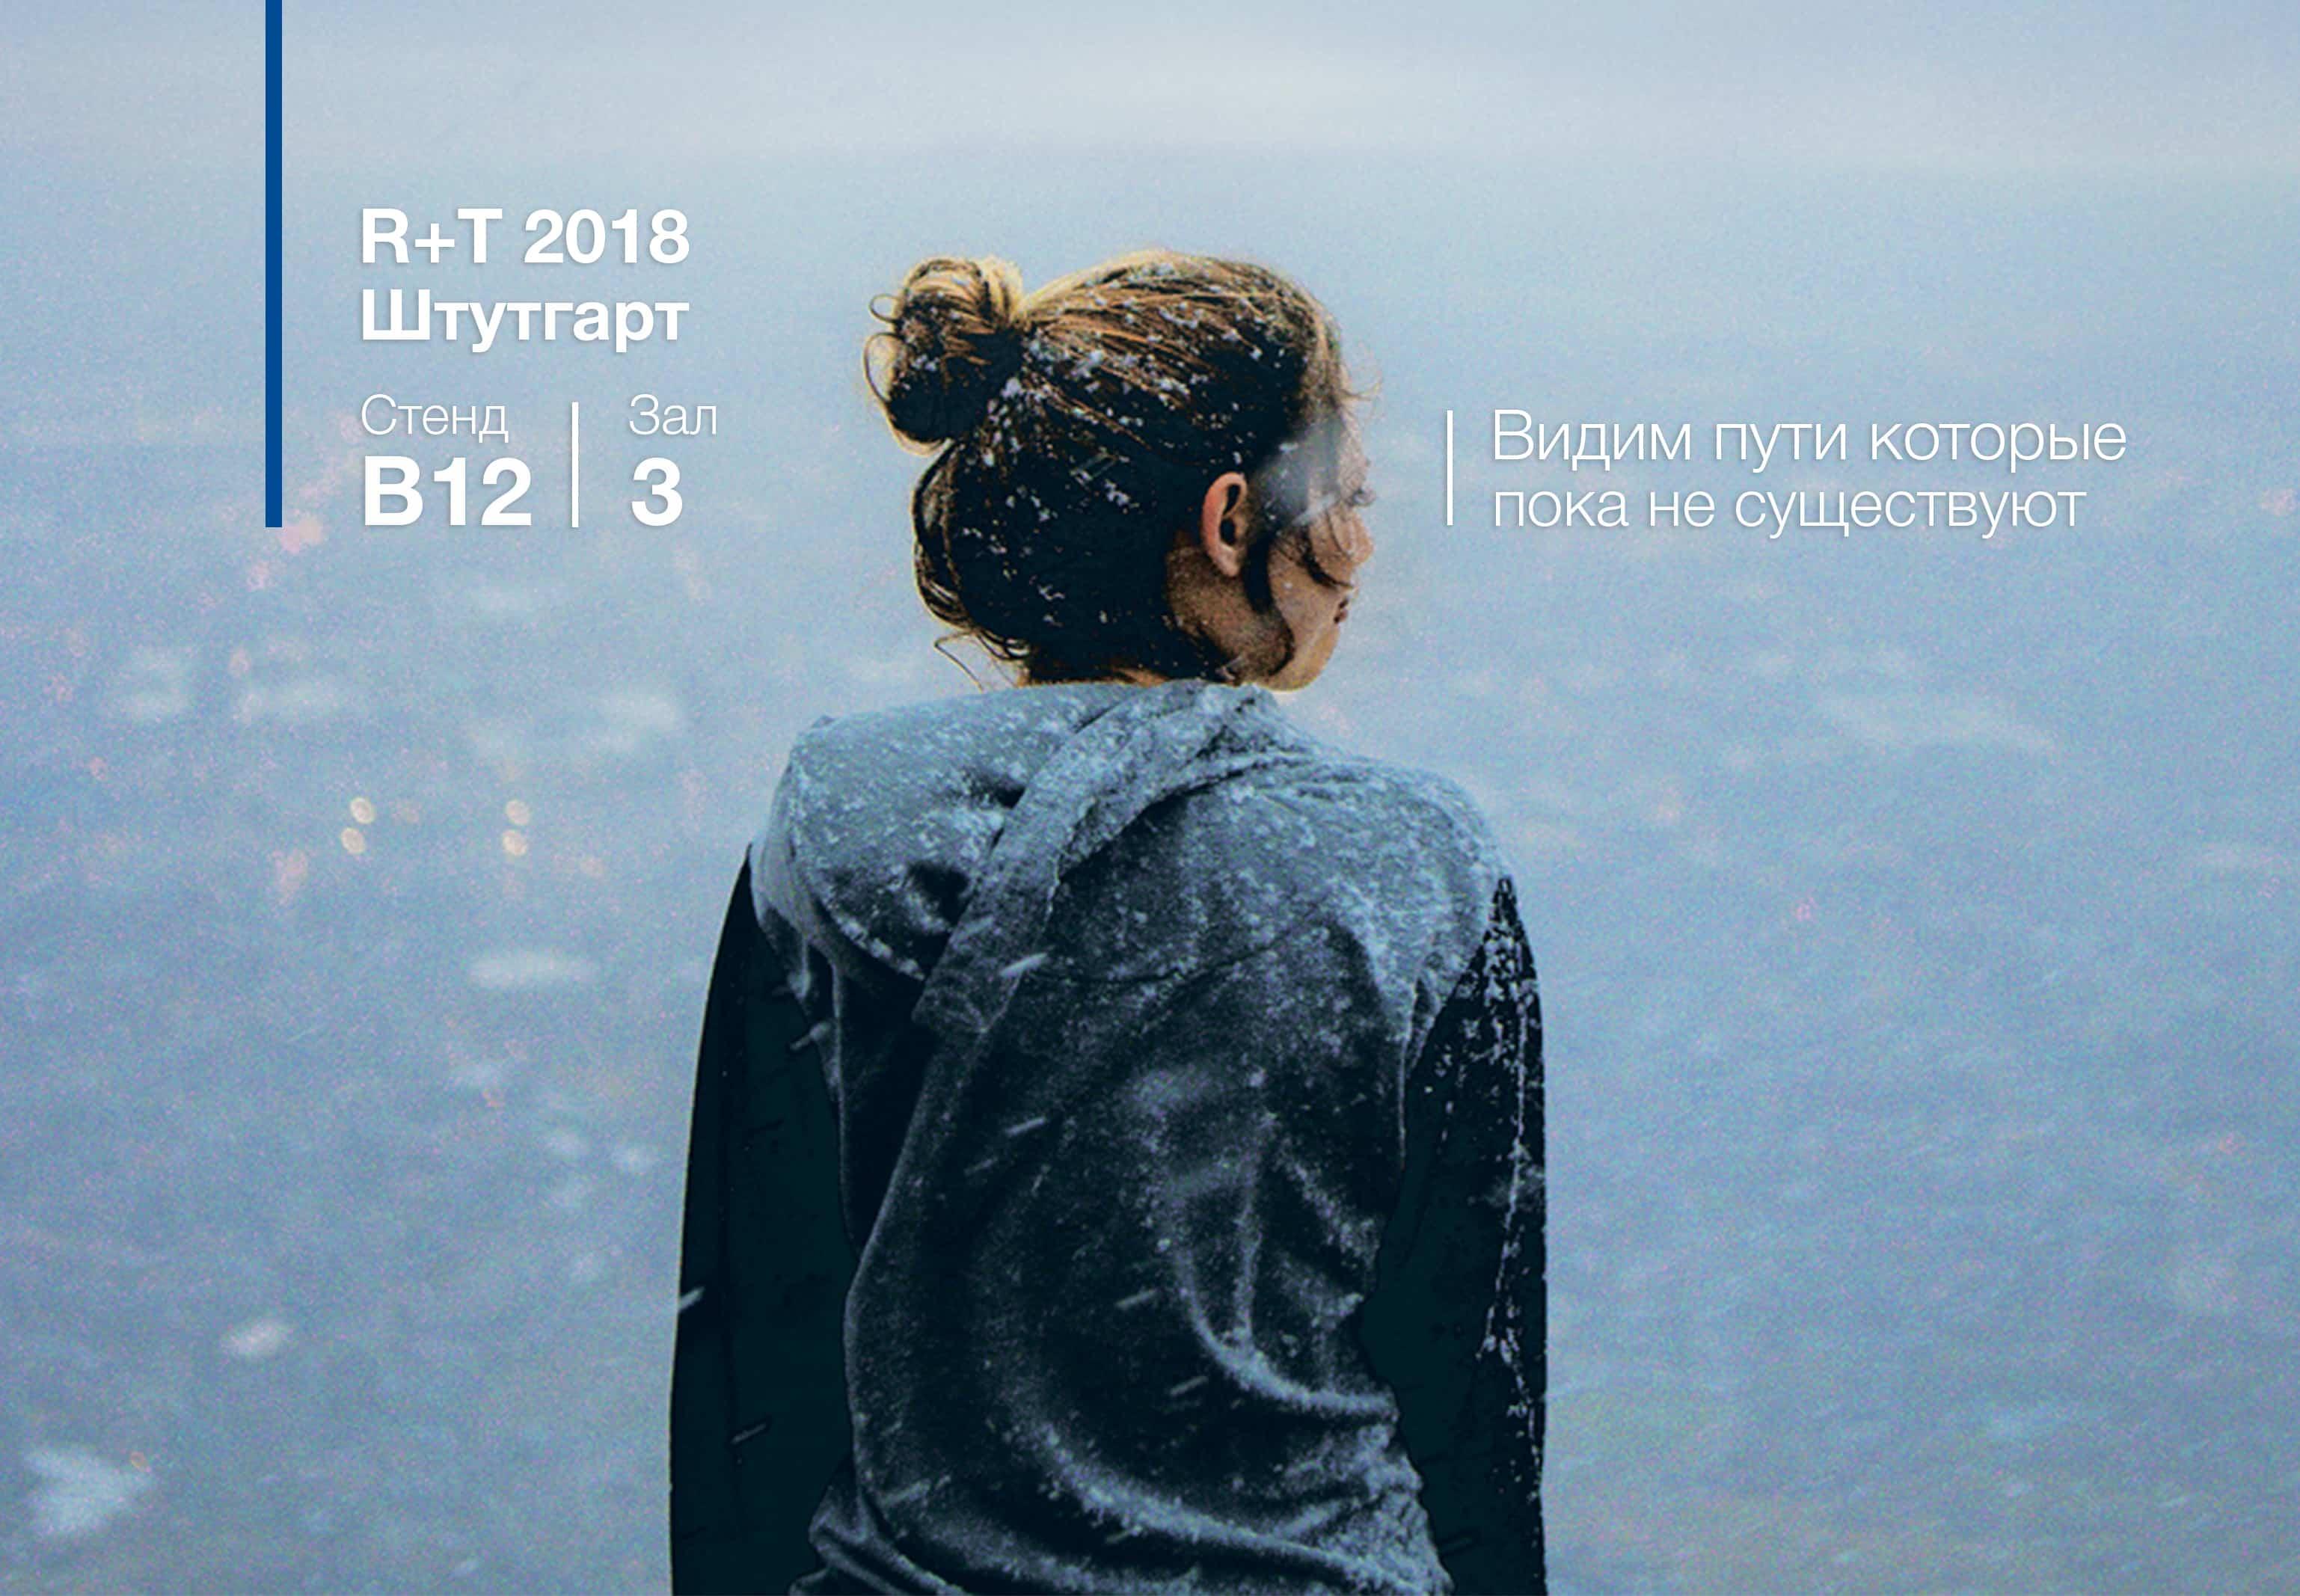 R+T 2018 — международная строительная выставка жалюзи, рольставен, ворот, маркиз и солнцезащитных конструкций в Штутгарте!